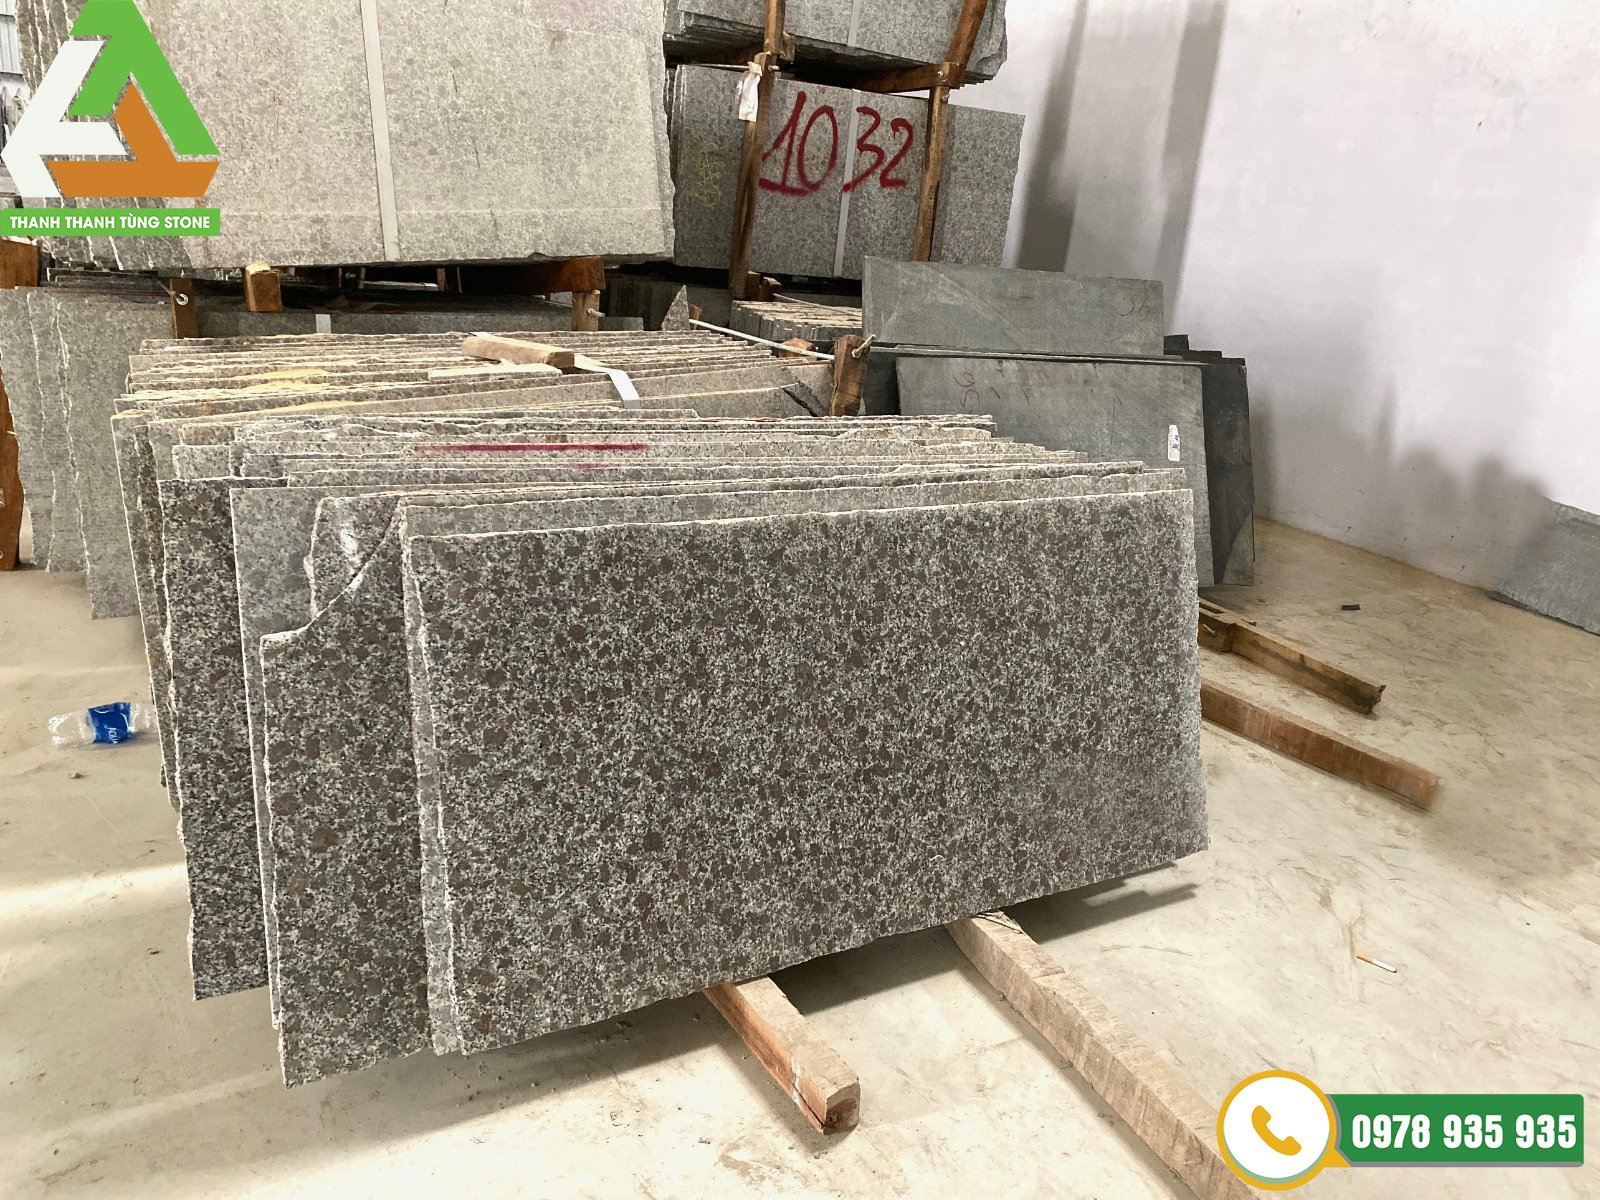 Thanh Thanh Tùng Stone là đơn vị sản xuất, cung cấp đá ốp lát hàng đầu miền Bắc